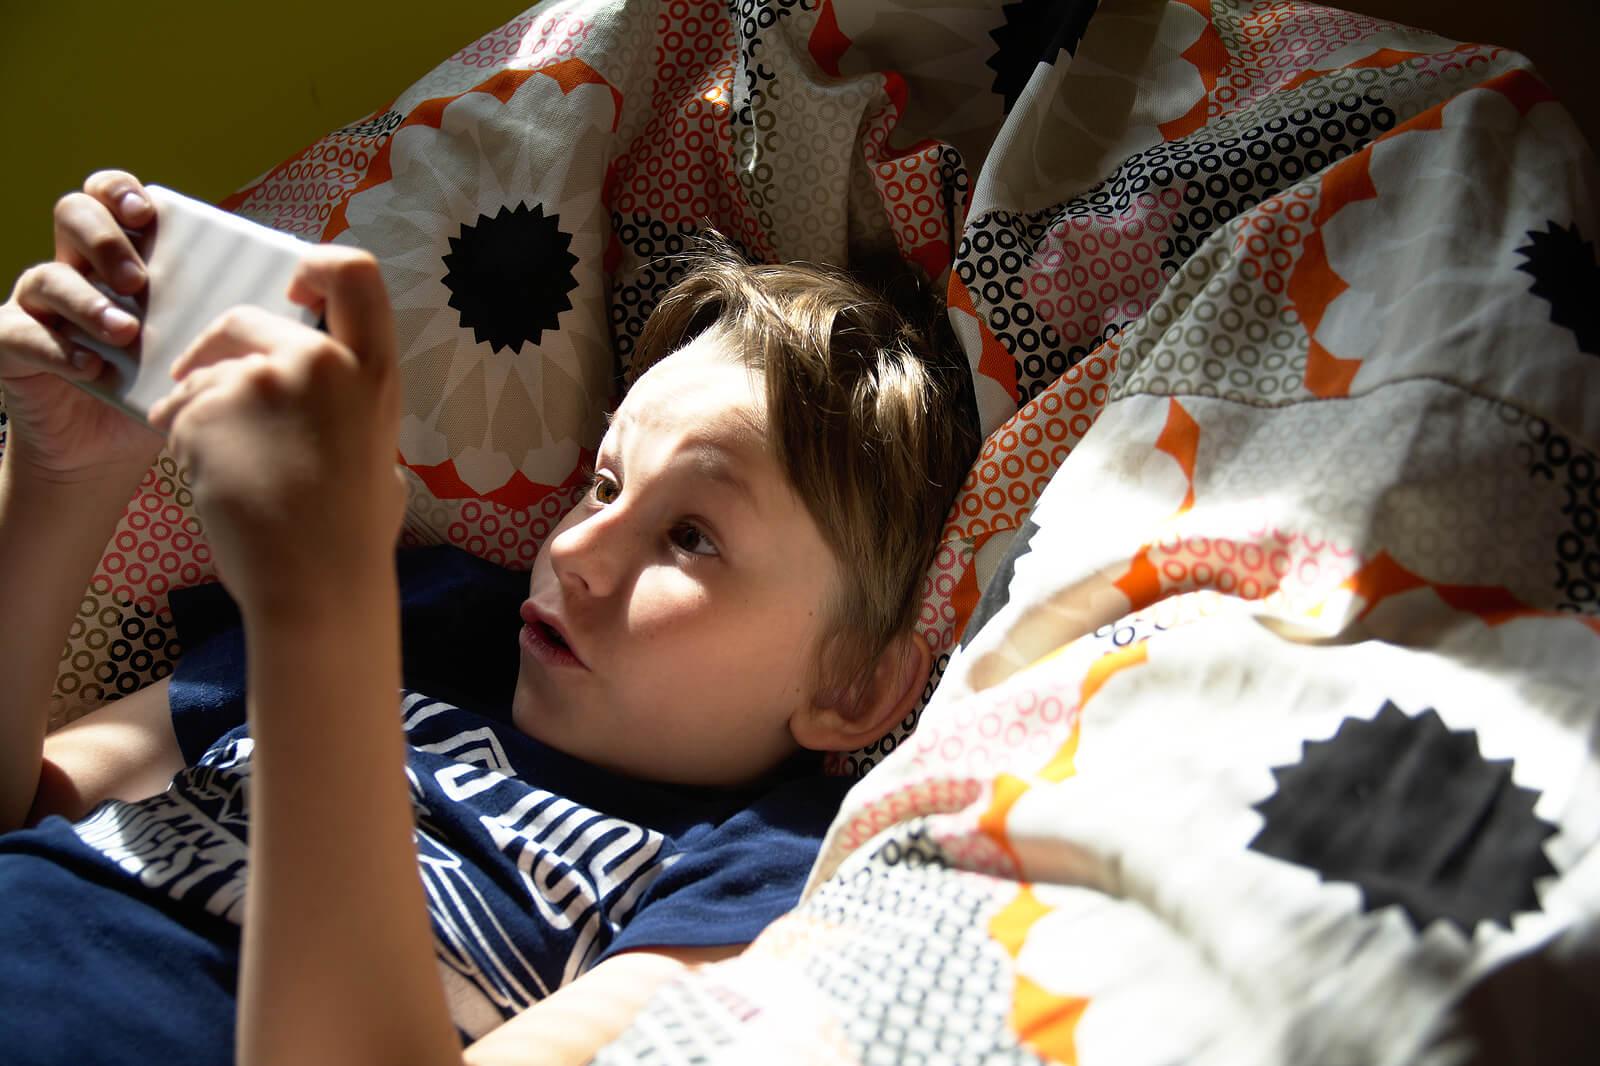 Niño jugando en la cama con el móvil.